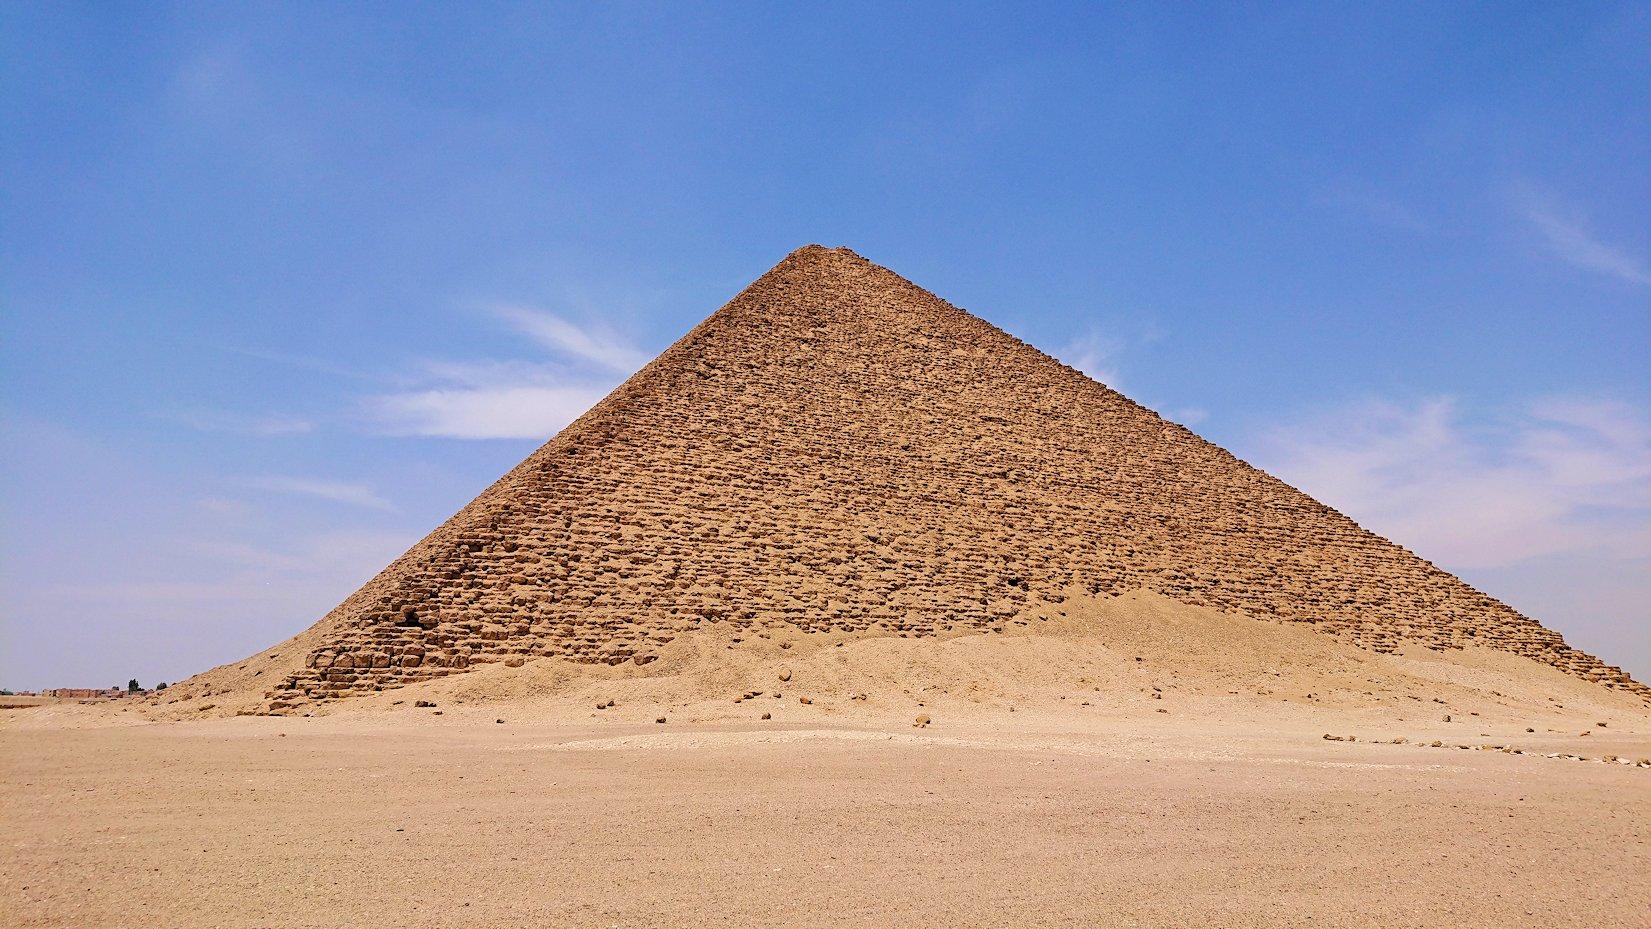 エジプト旅行 ブログ 口コミ カイロ ピラミッド 赤